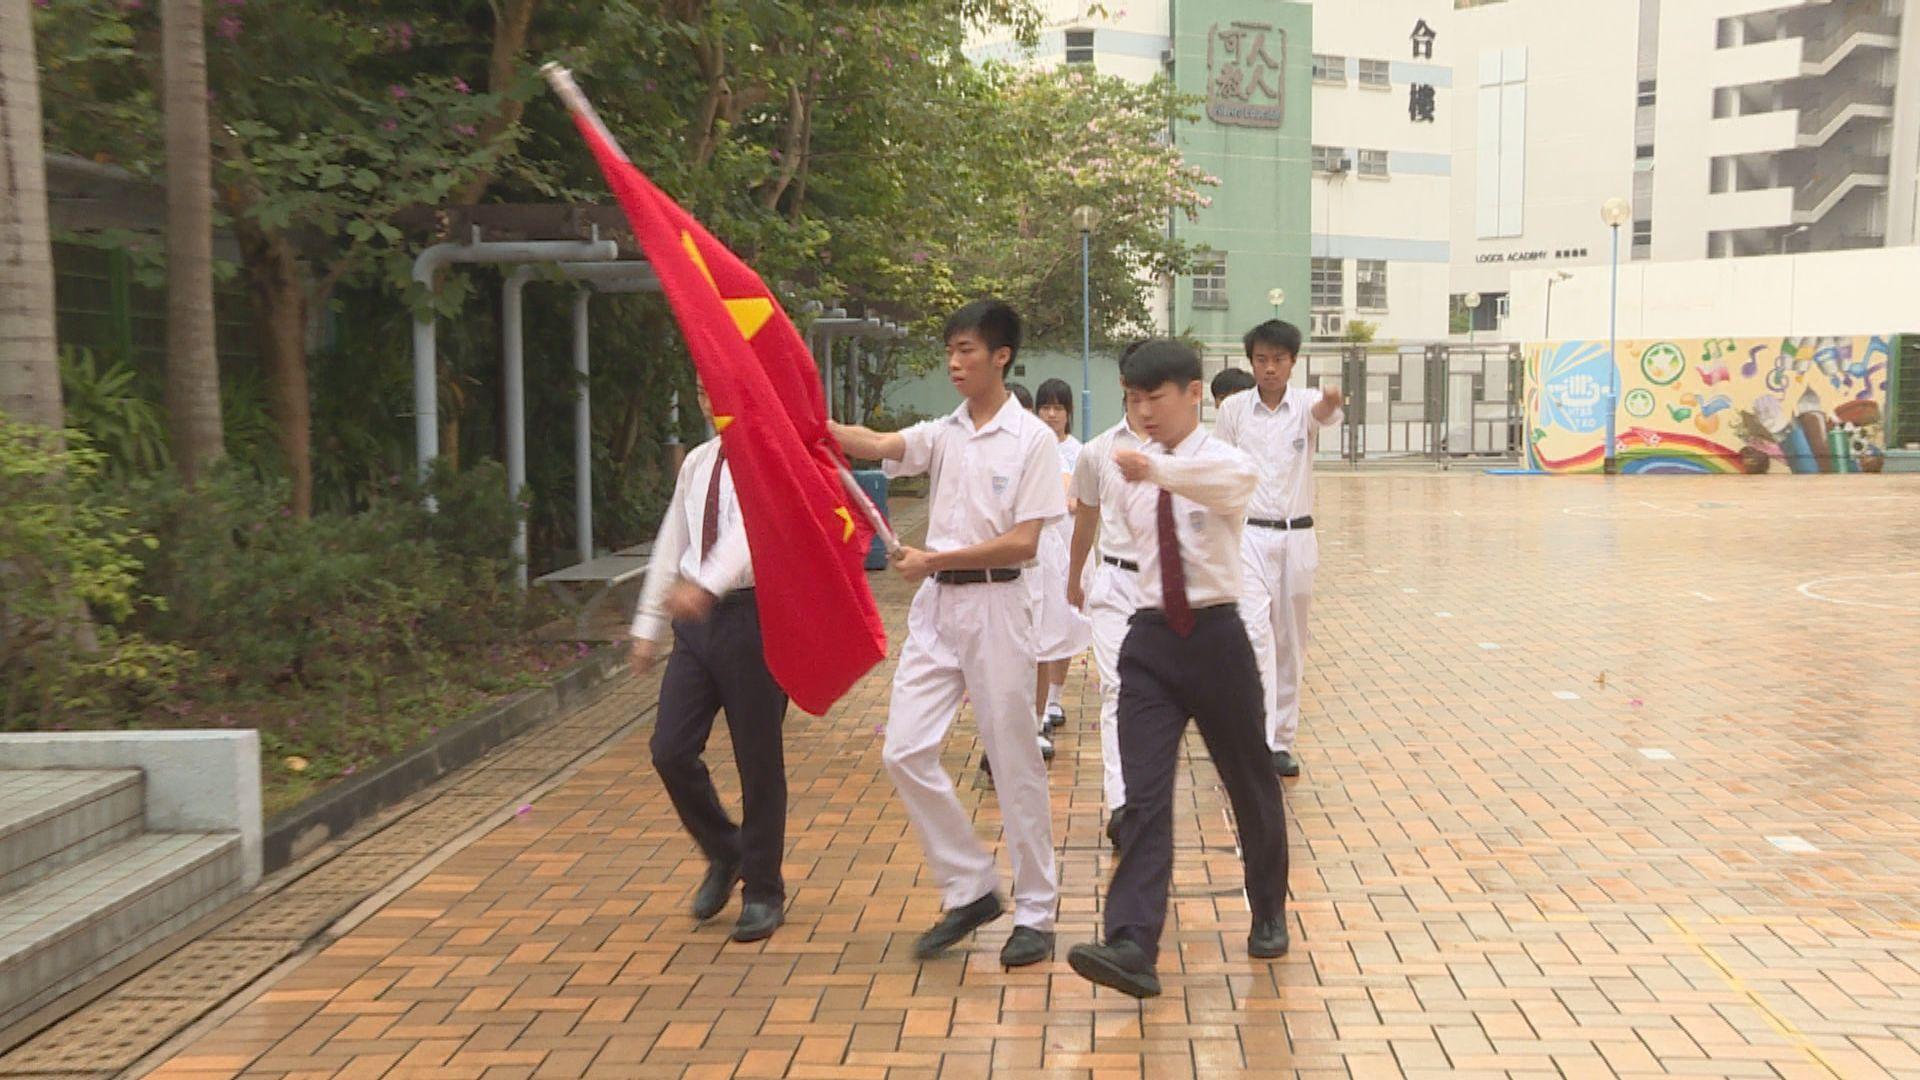 【即日焦點】中小學辦七一、十一國慶等活動必須升國旗奏唱國歌;哈佛報告:若開戰印度軍力未必不及解放軍